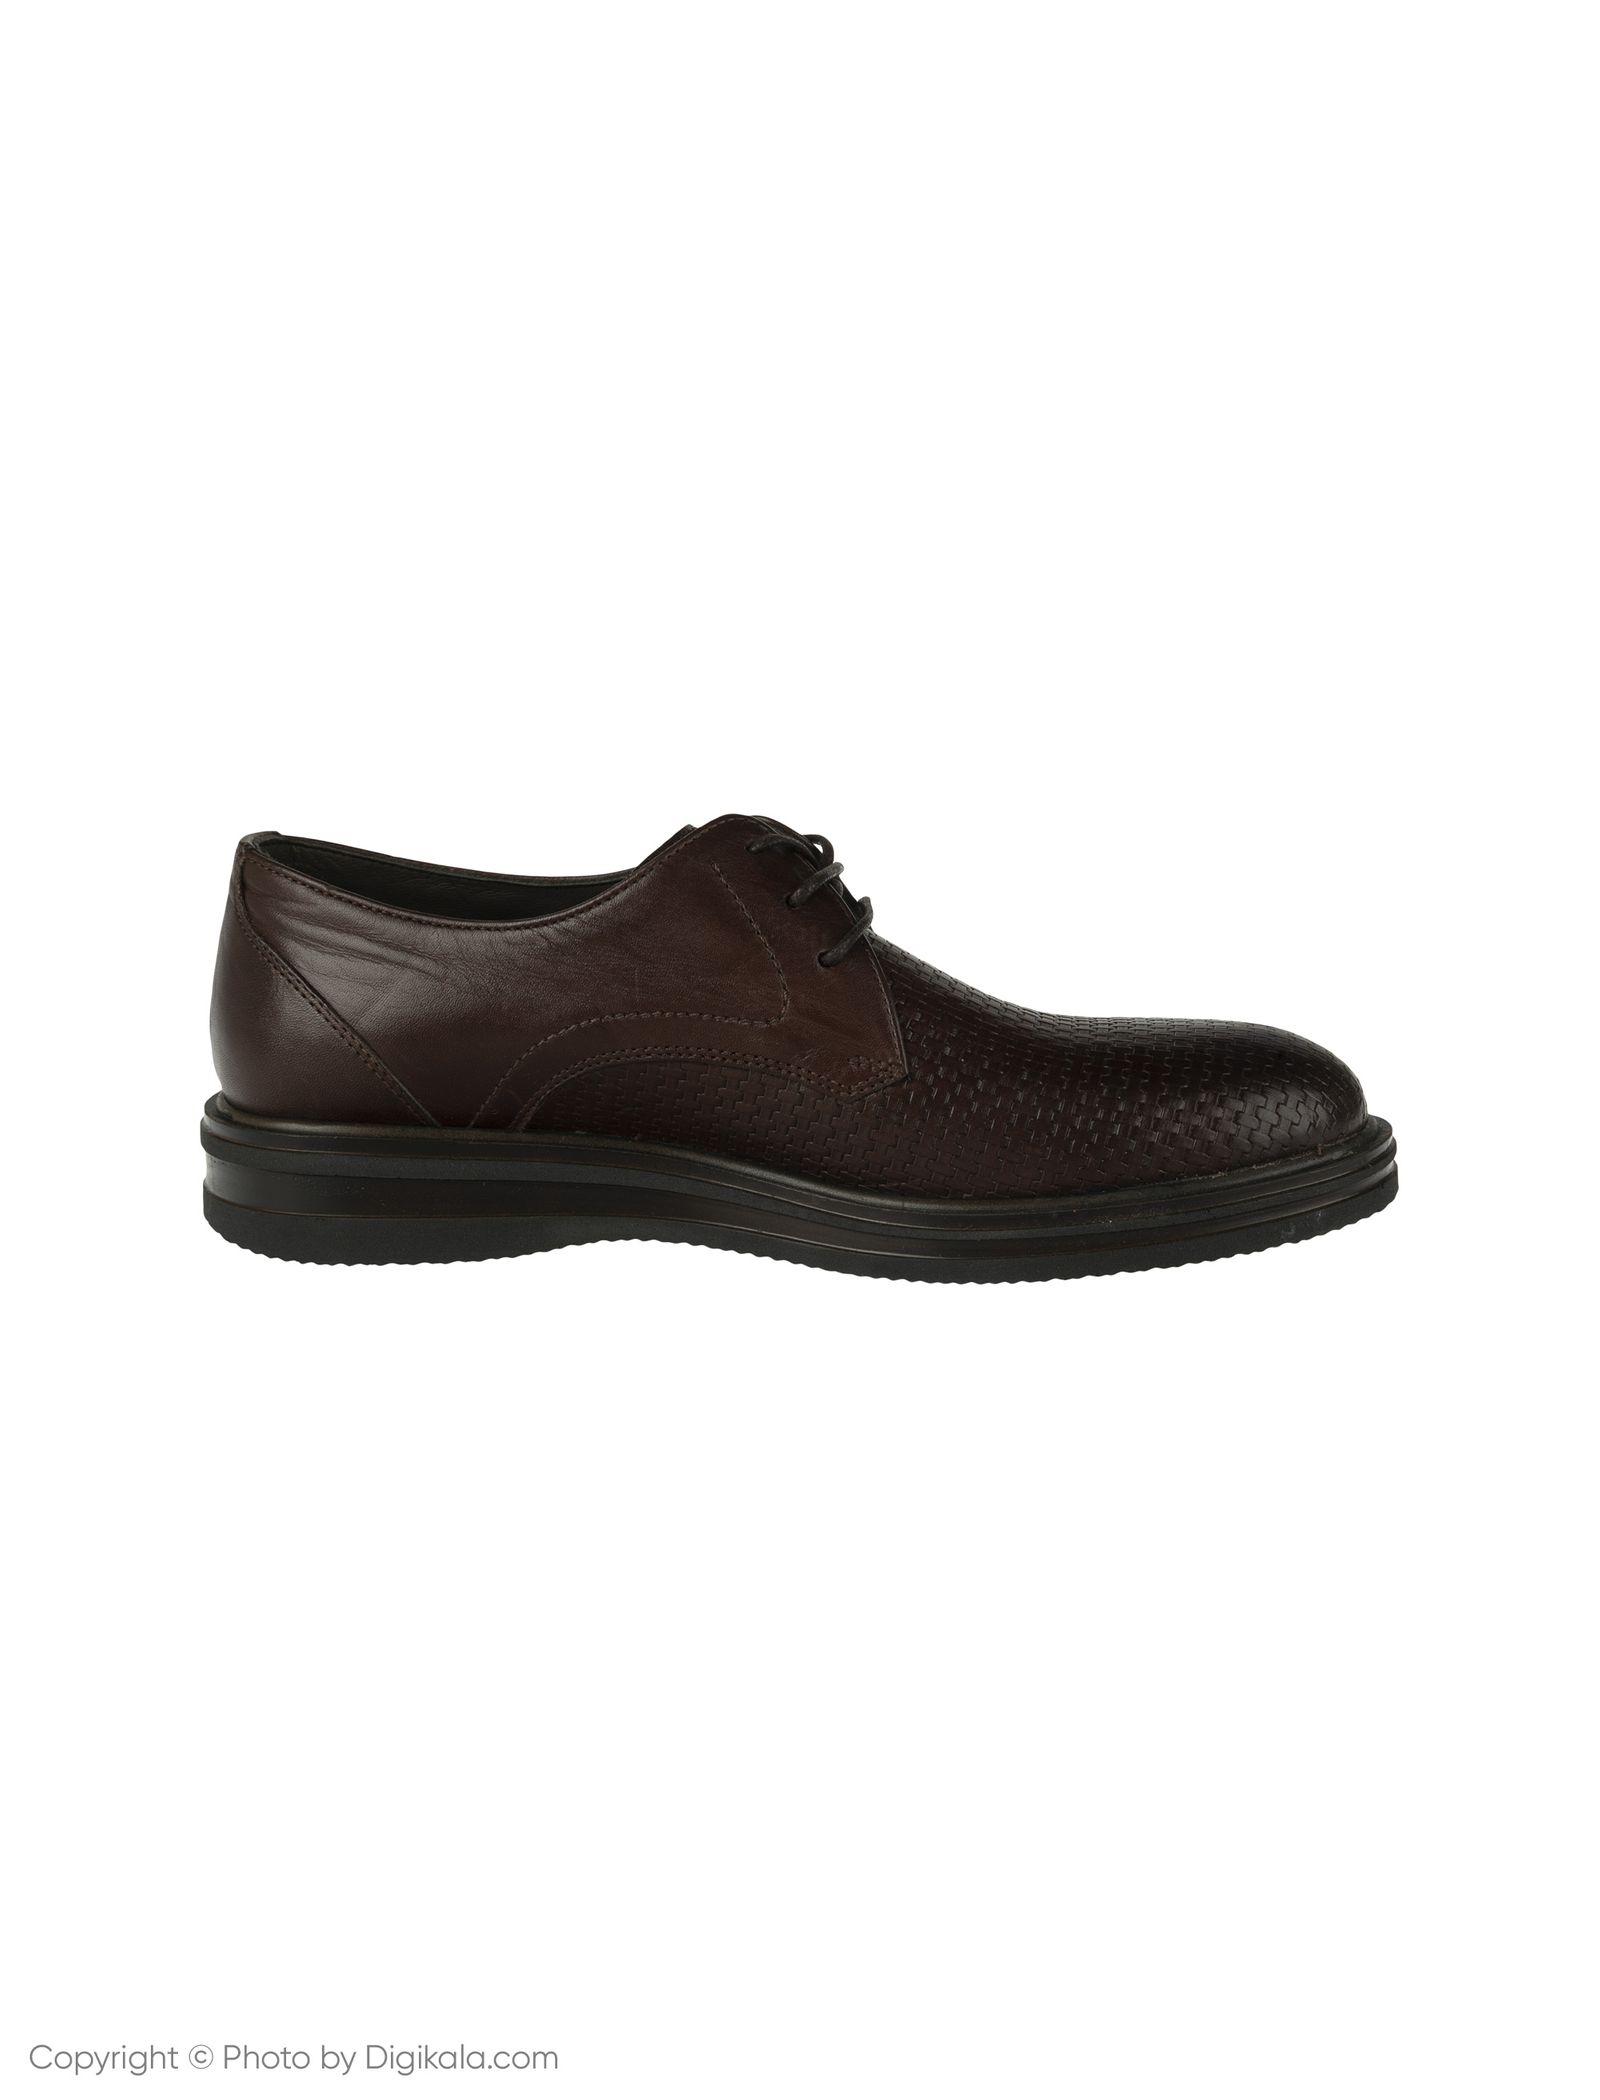 کفش مردانه ساتین مدل SN7170A-104 -  - 2